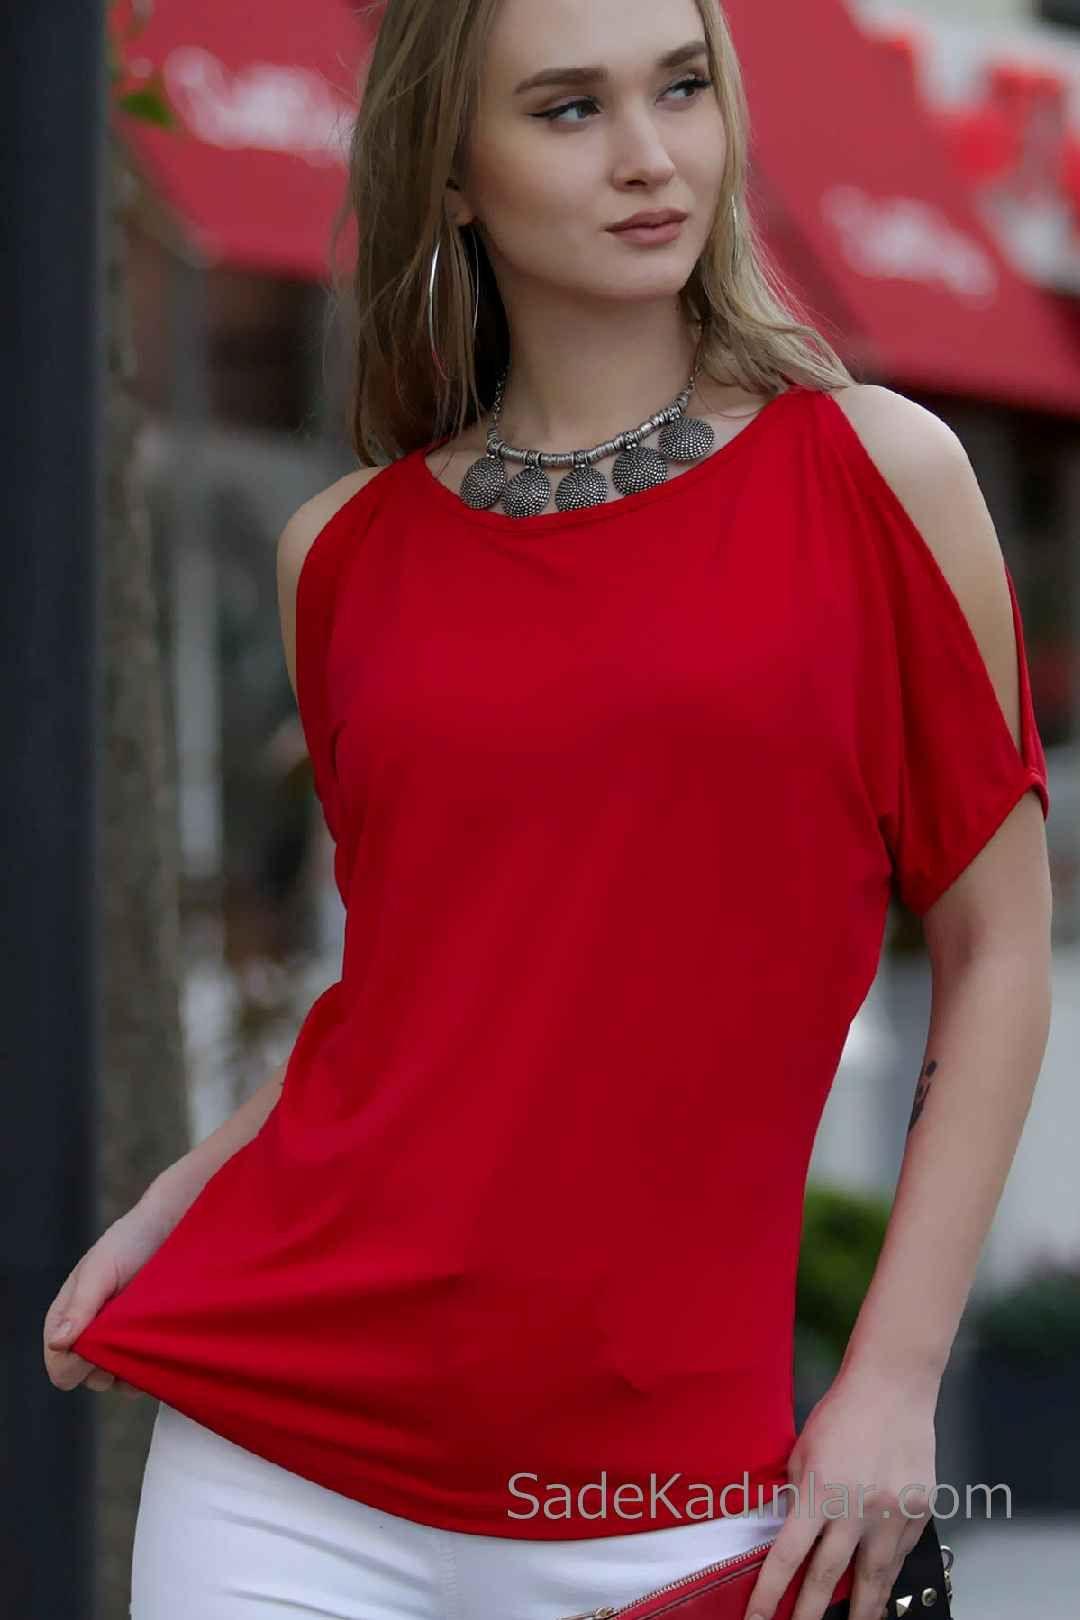 2020 Kirmizi Abiye Bluz Modelleri Kisa Kollu Kayik Yaka Omuz Dekolteli Moda Stilleri Bluz Modelleri Bluz